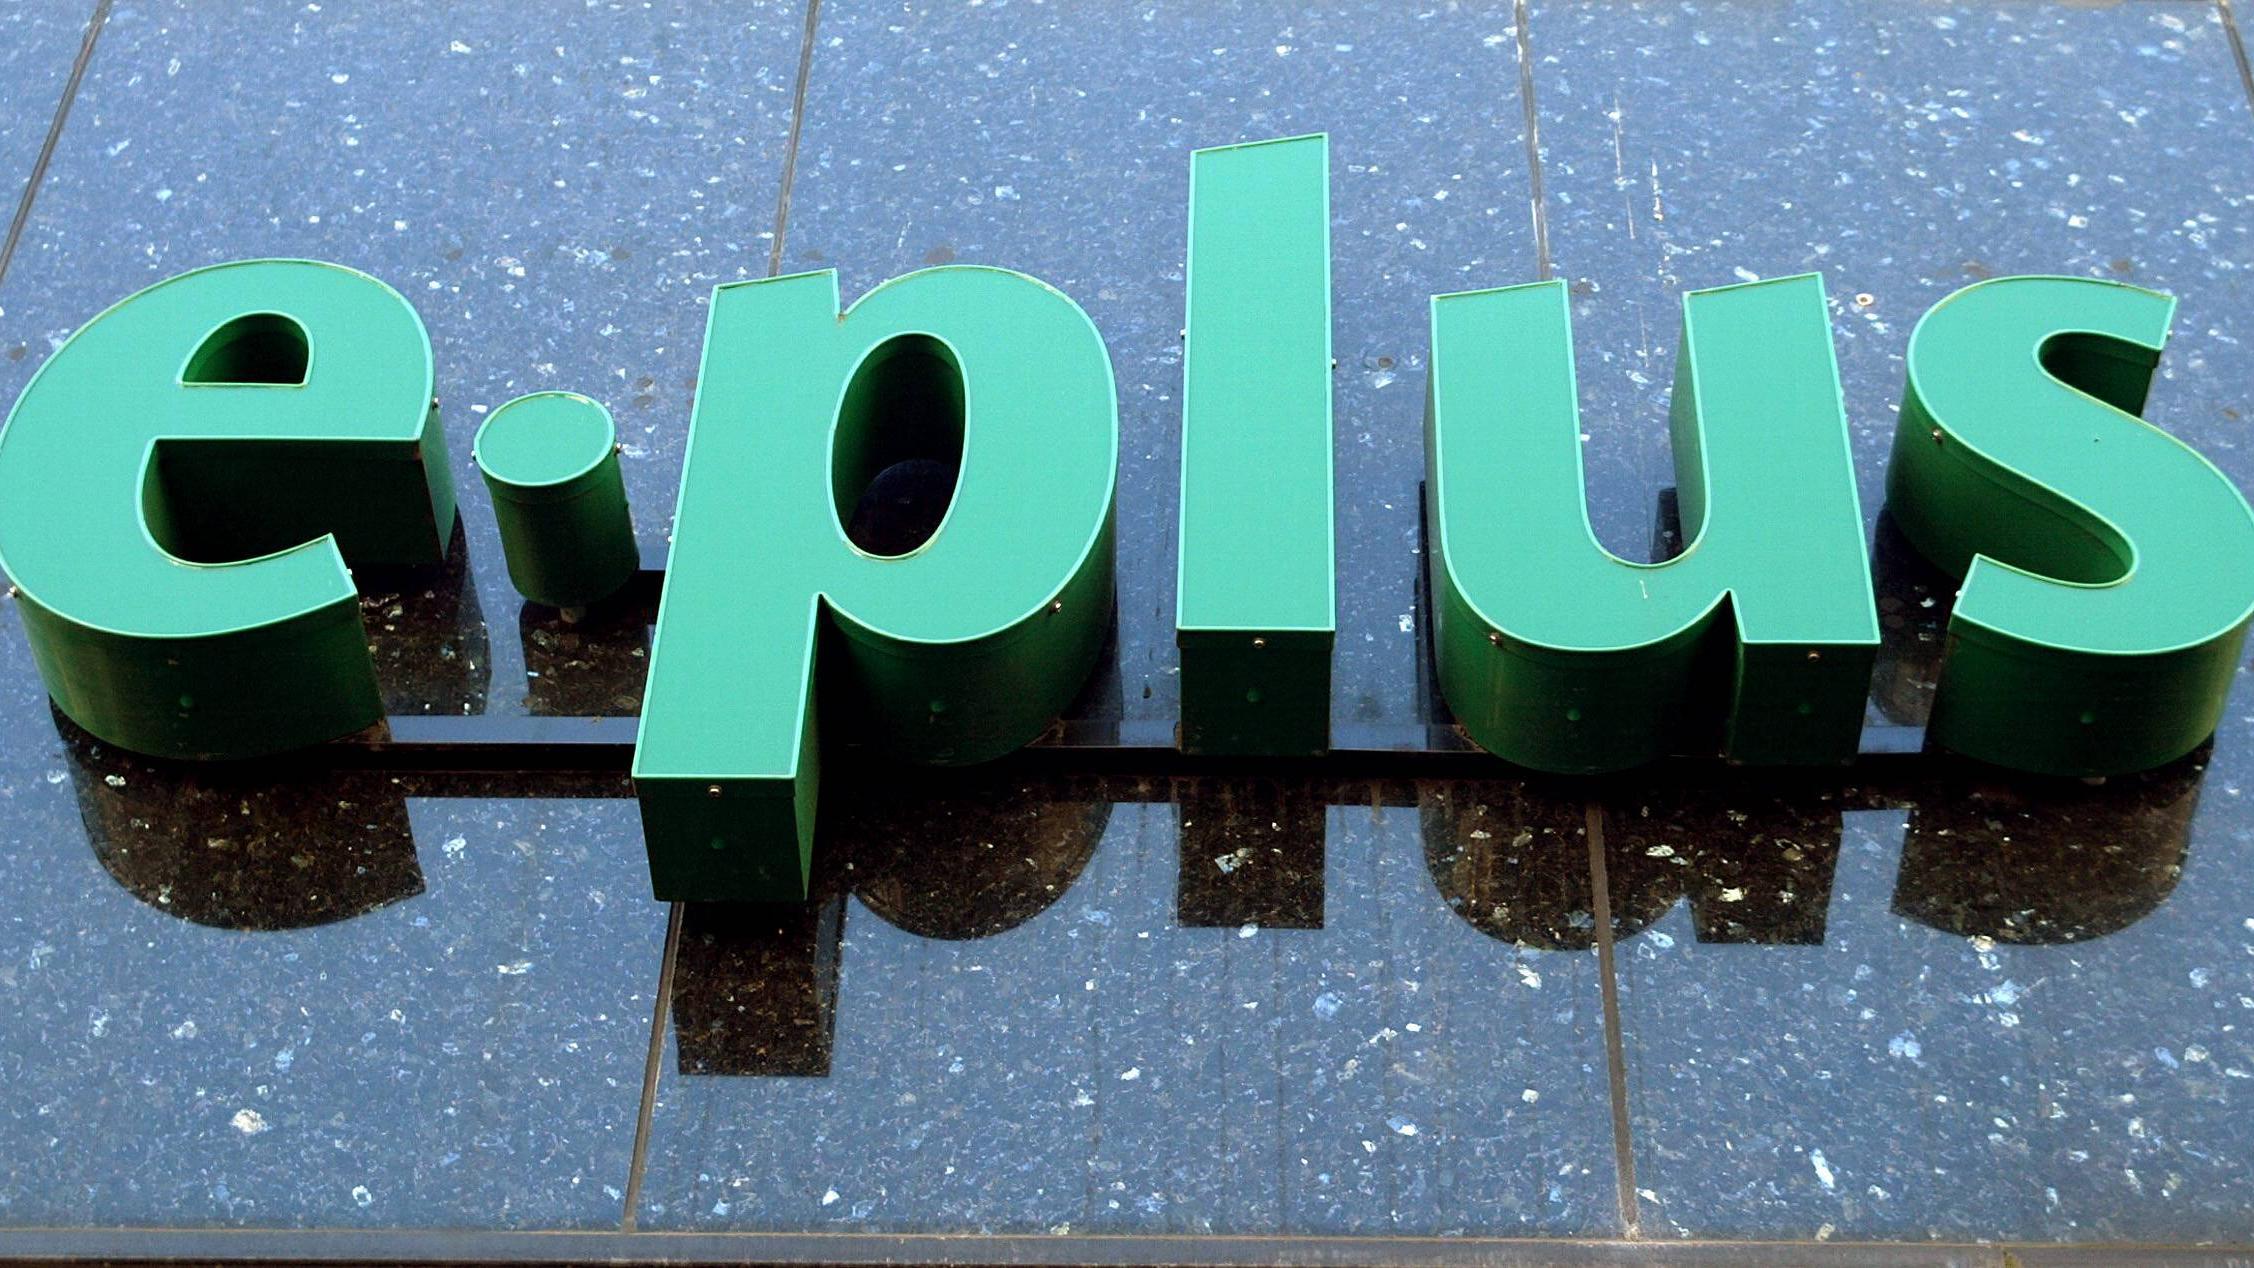 ePlus: Kein Netz mehr - daran kann's liegen